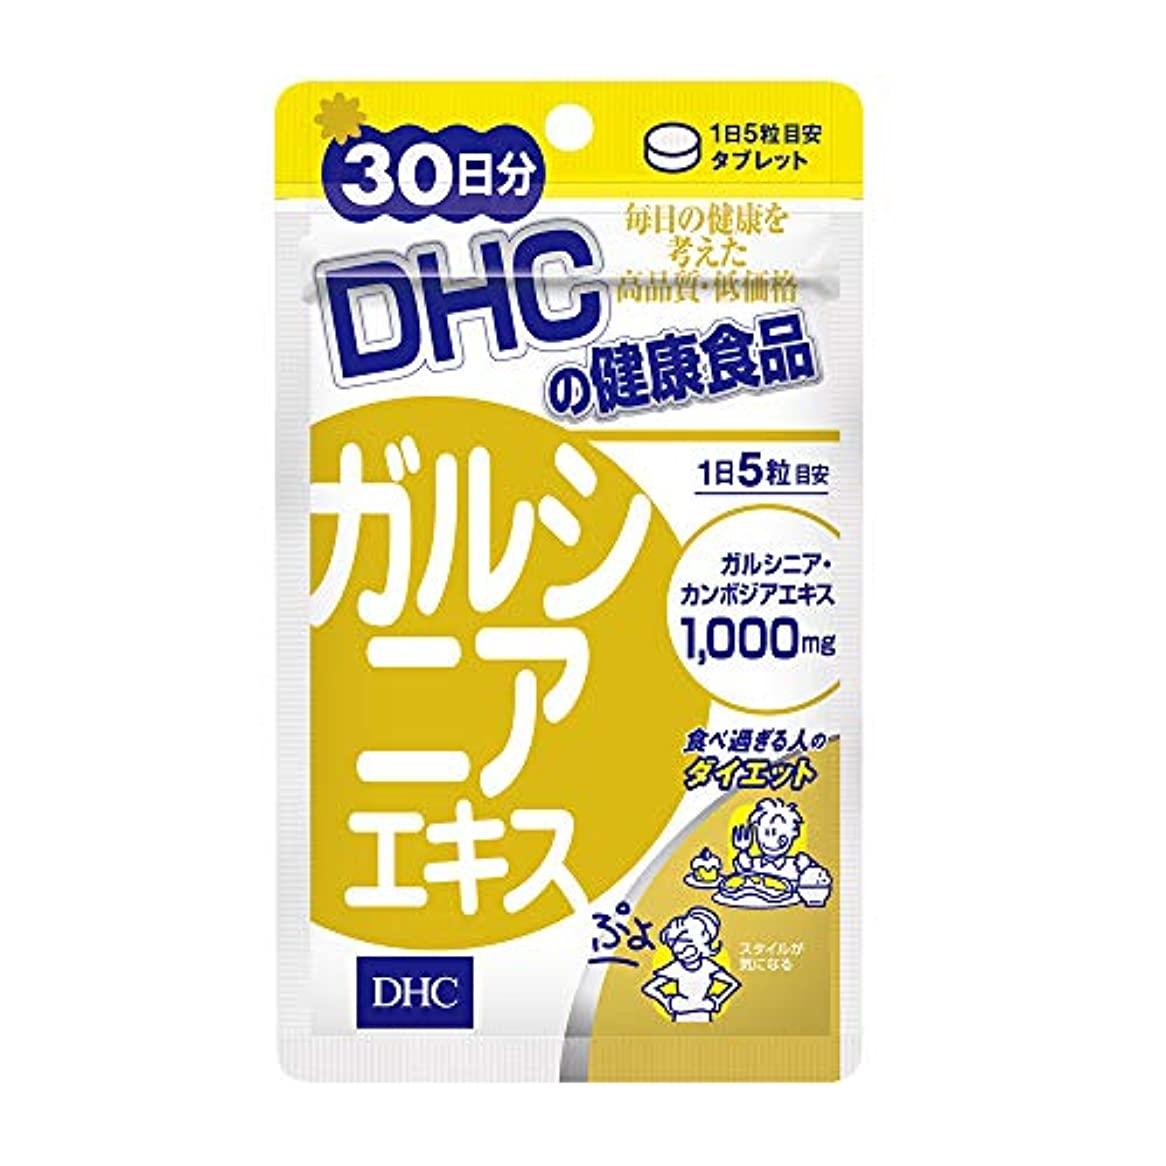 特性安らぎ満足できるDHC ガルシニアエキス 30日分